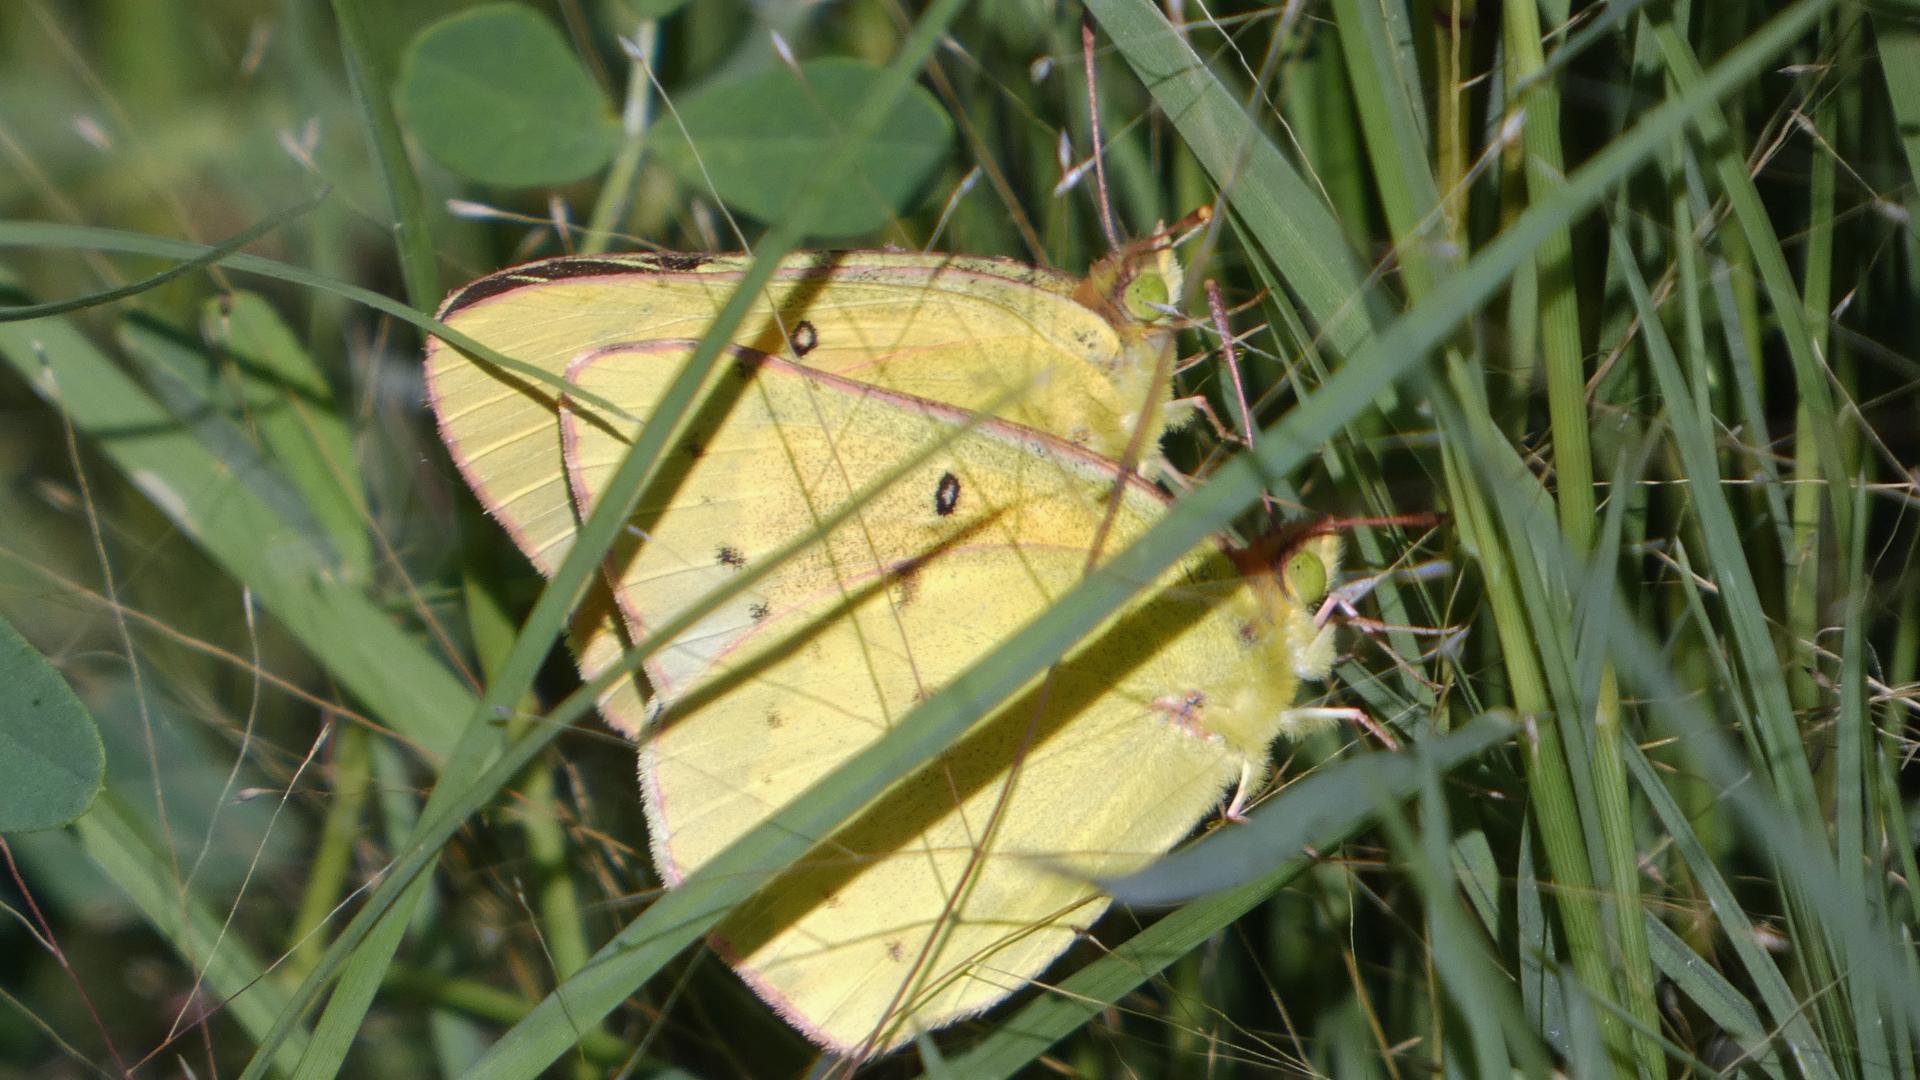 Mating, Rio Grande Bosque, Albuquerque, July 2020